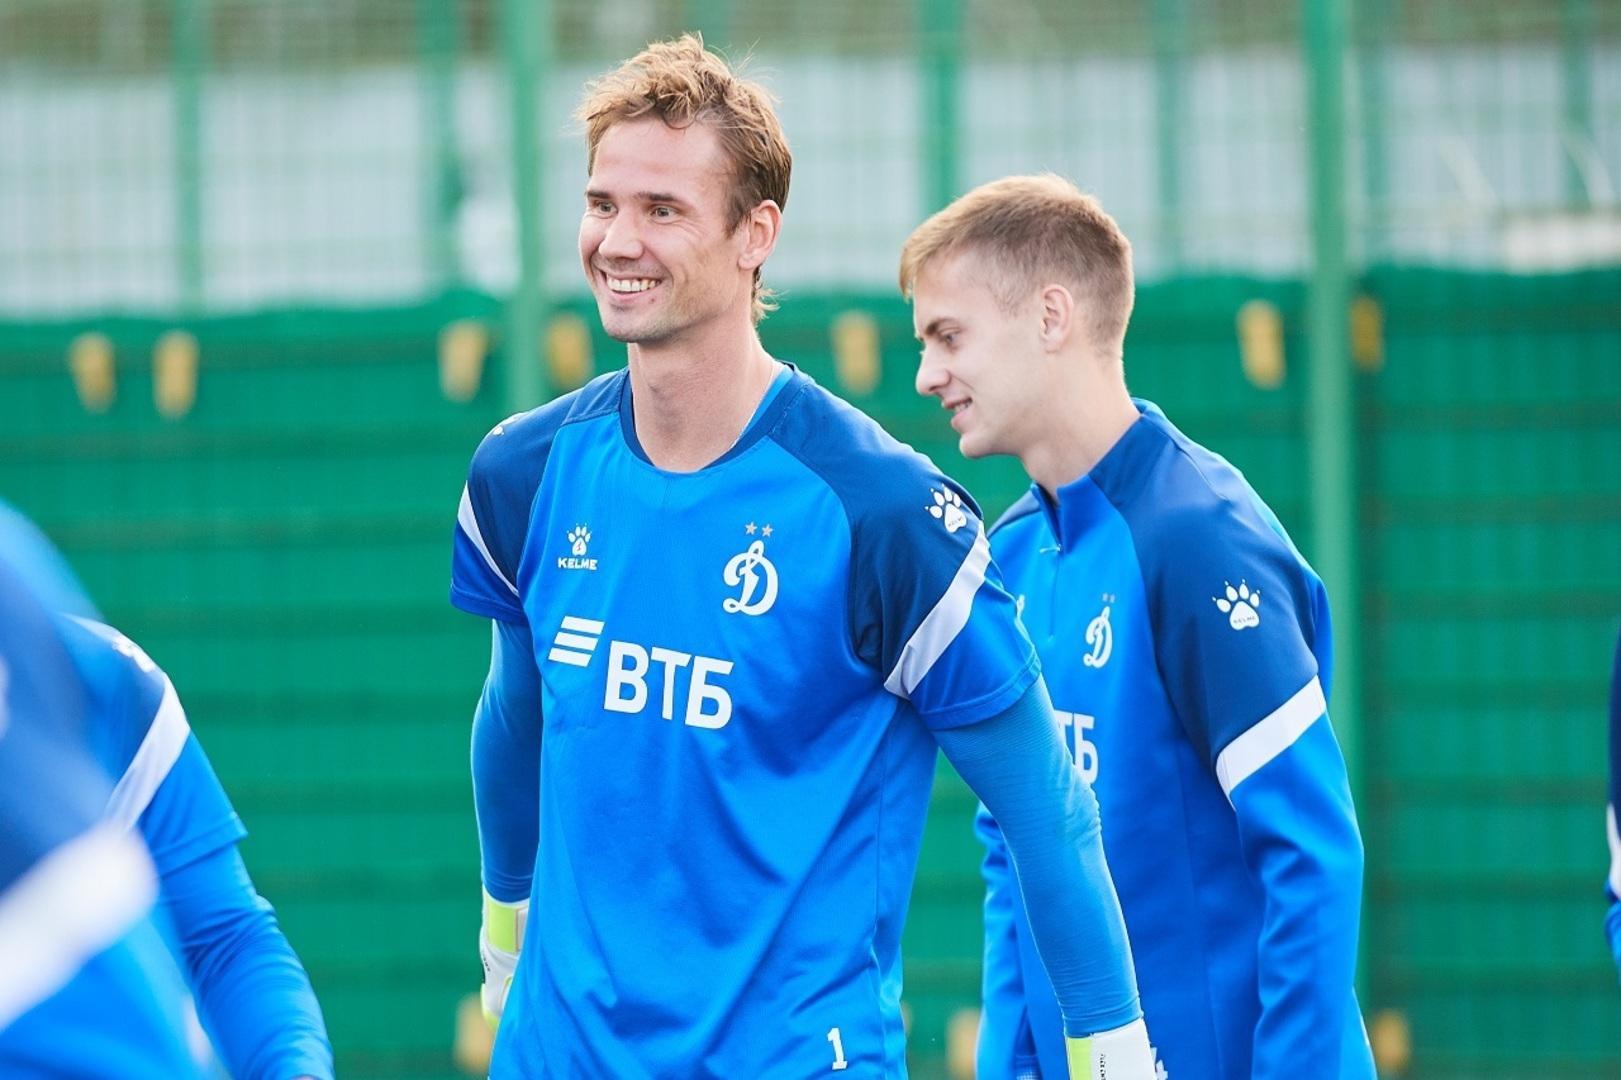 Евгеньев, Захарян, Фомин и Шунин — в расширенном составе сборной России для подготовки к Евро